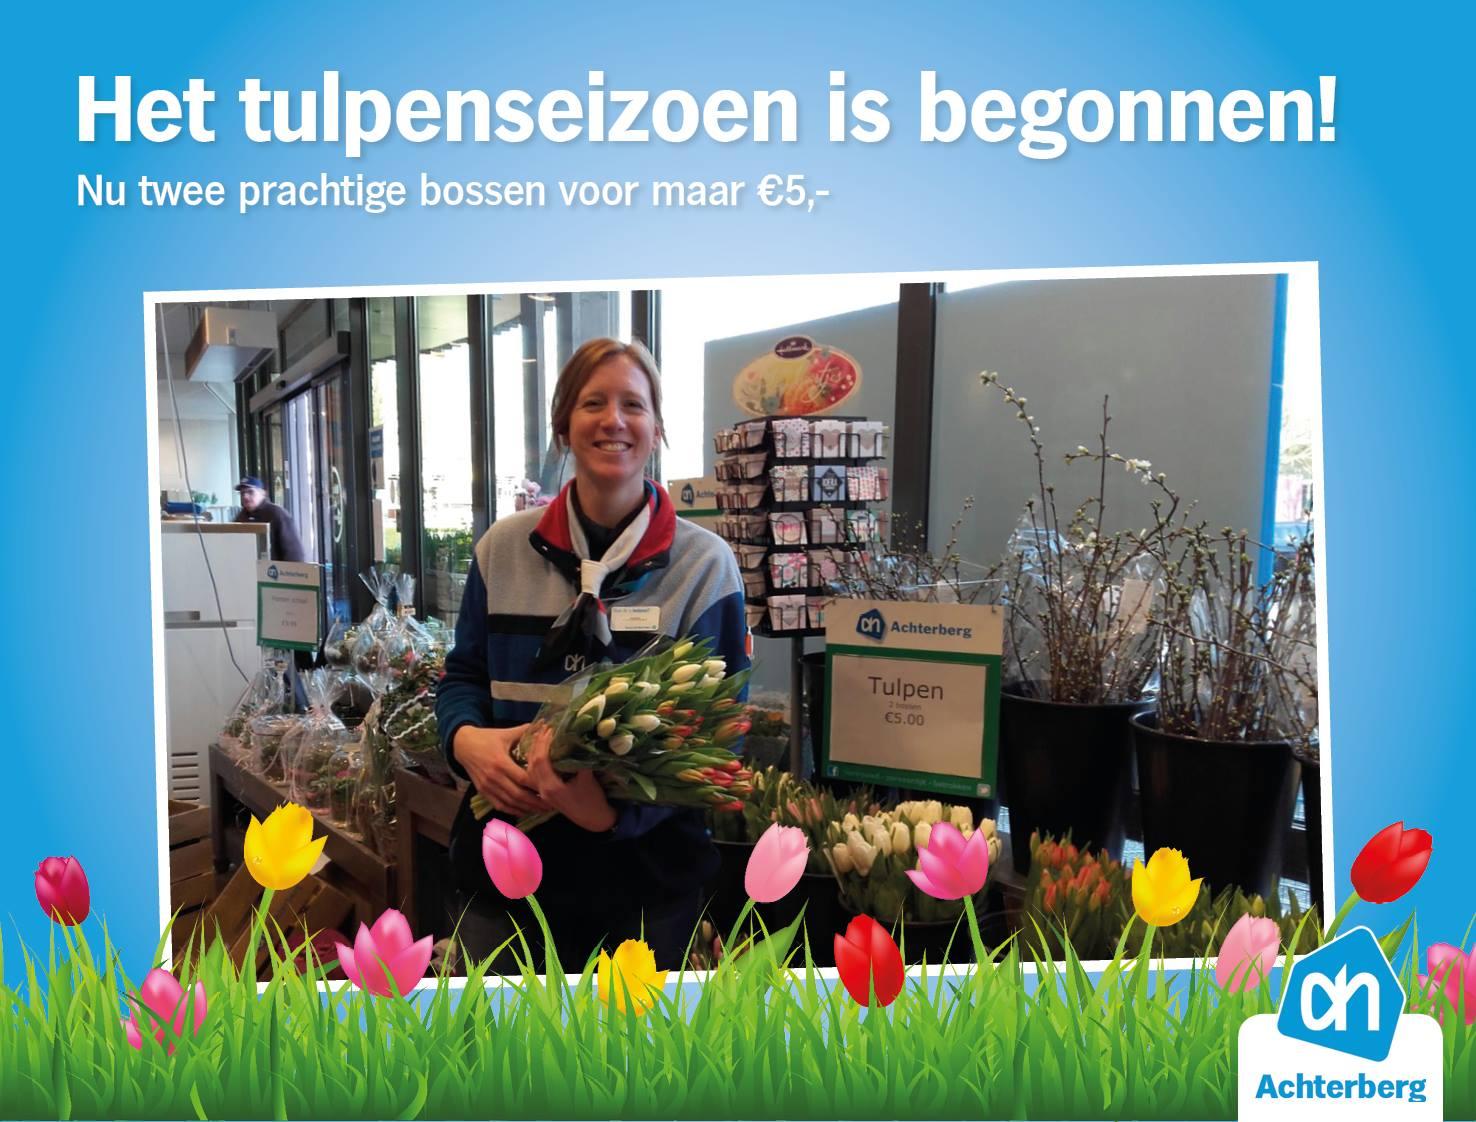 Het tulpenseizoen is begonnen!